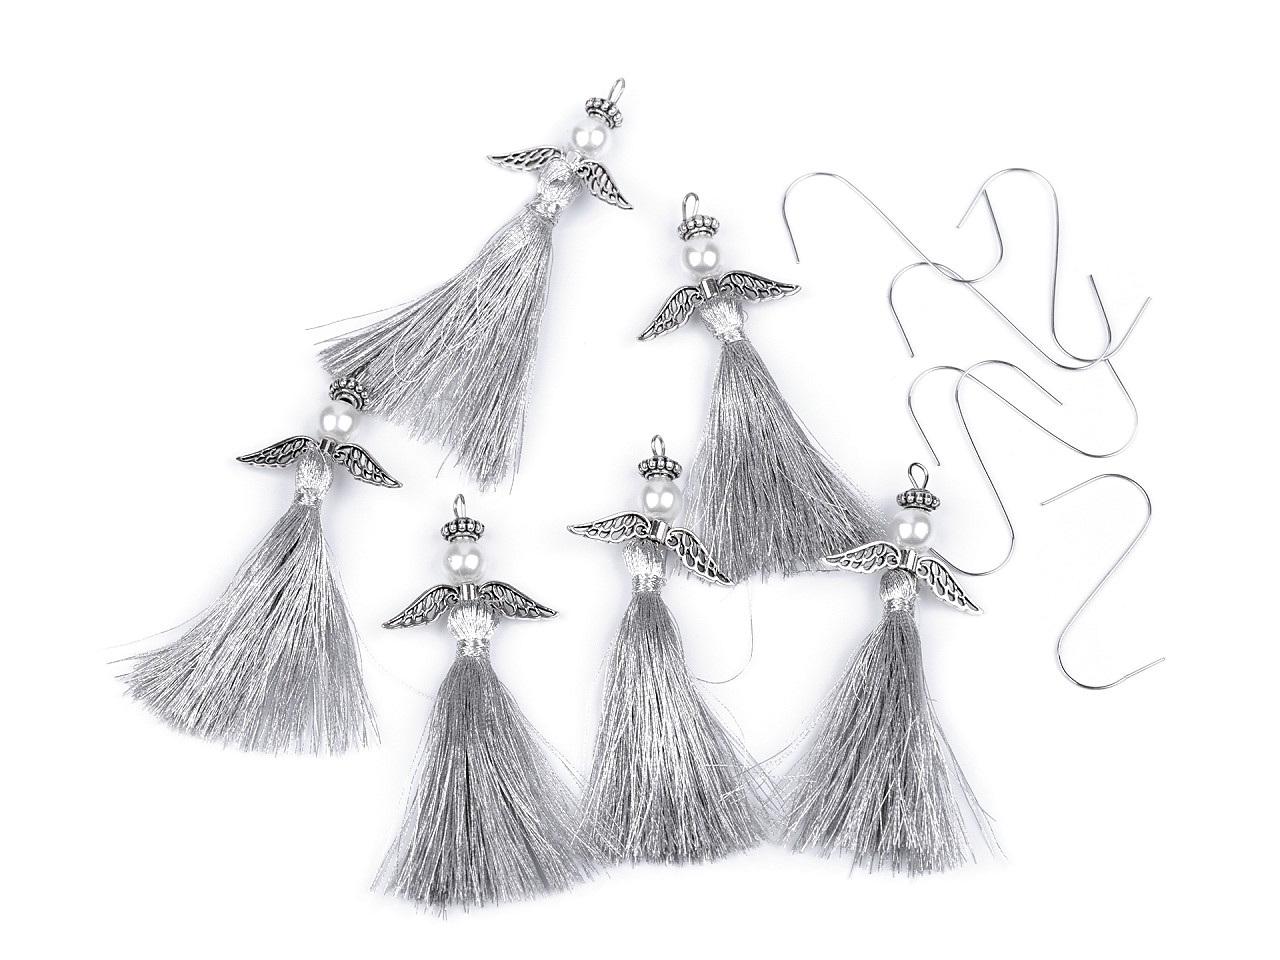 Sada vánočních ozdob - anděl, barva 1 stříbrná